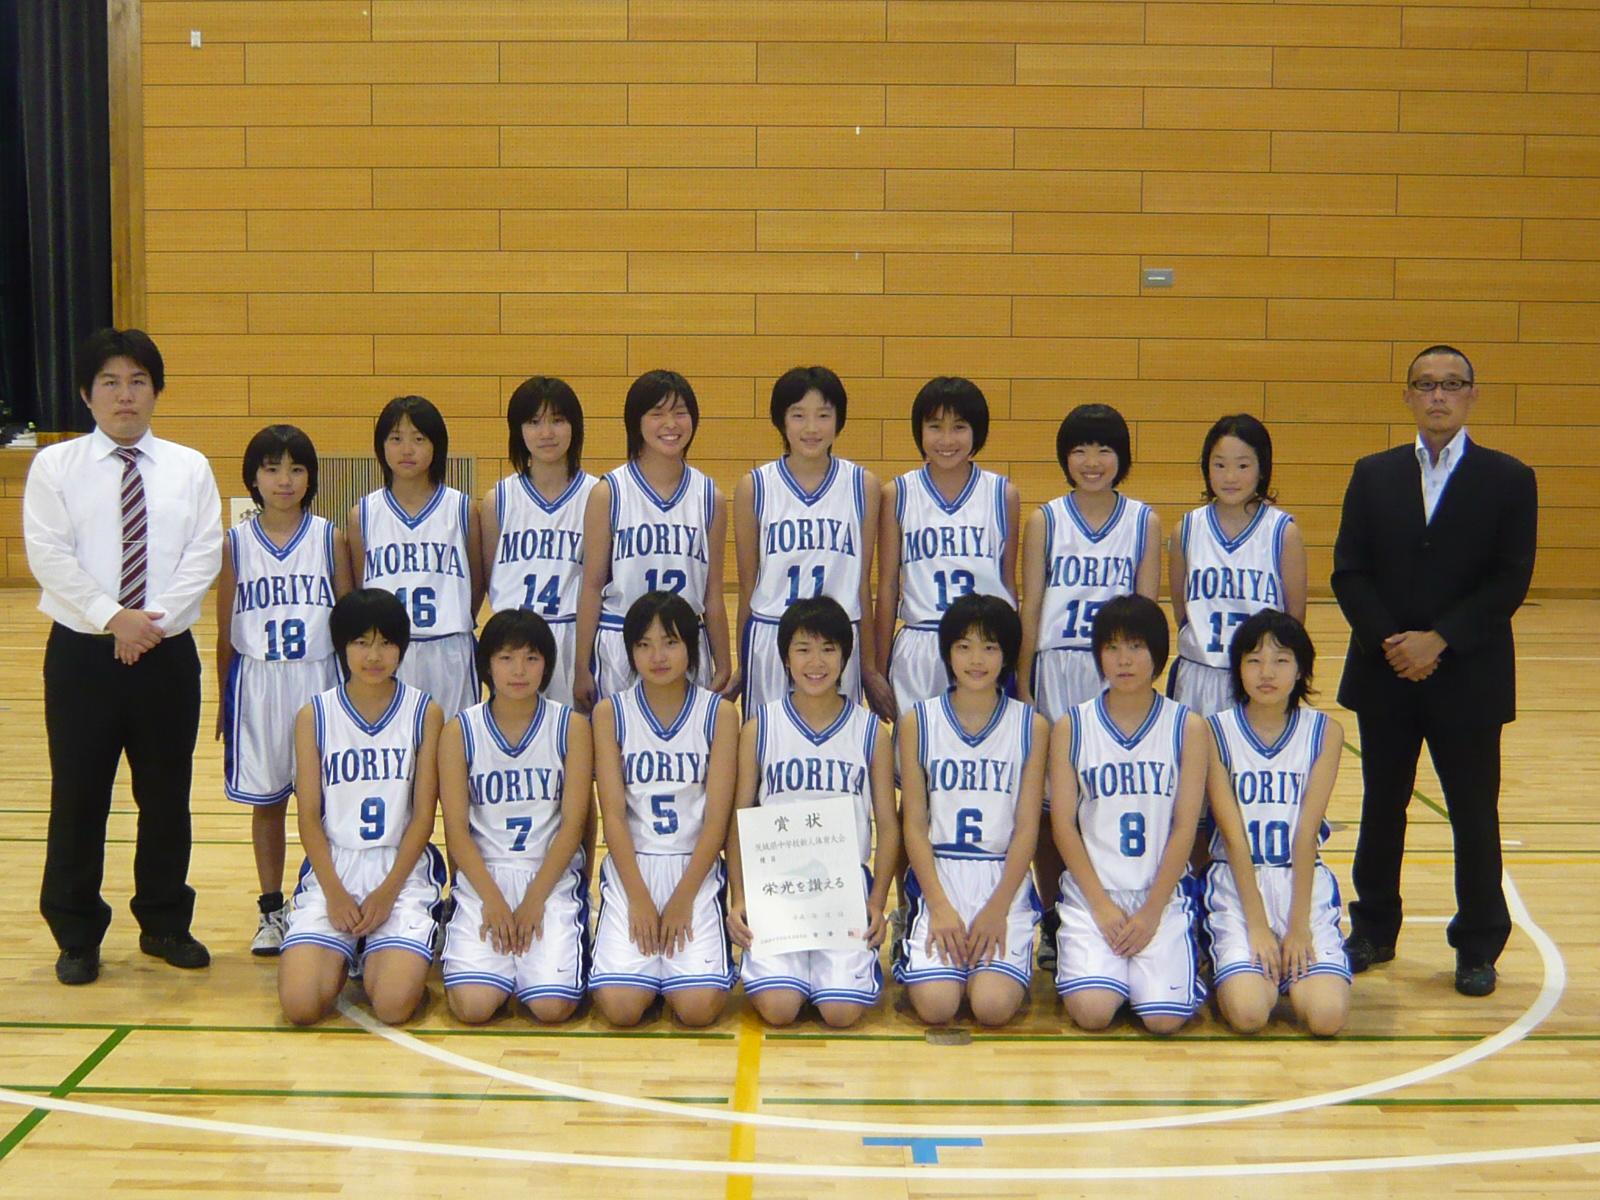 伊奈東 - JapaneseClass.jp